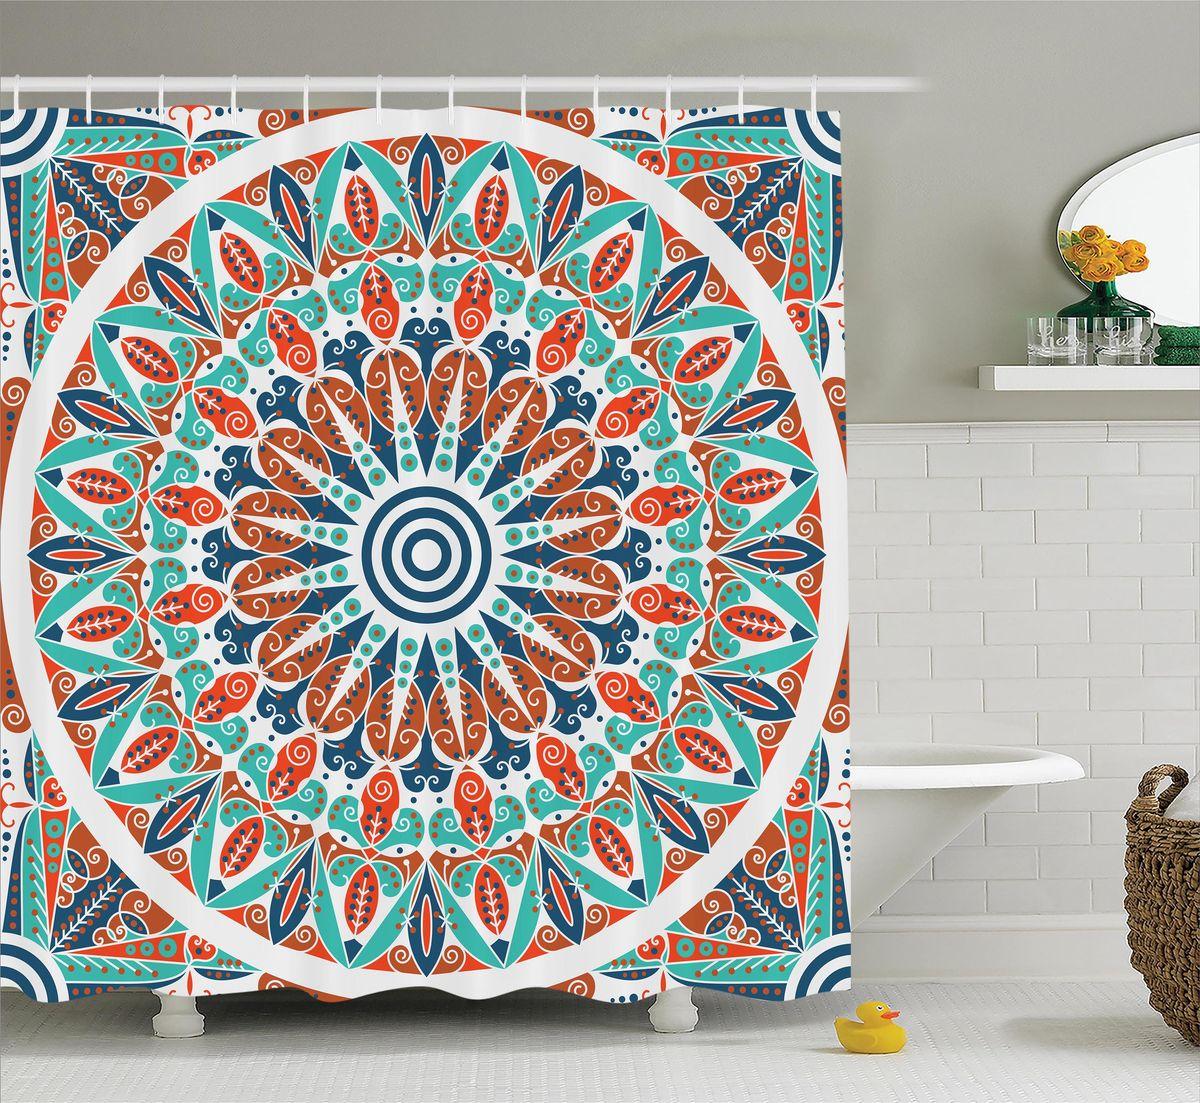 Штора для ванной комнаты Magic Lady Индийский орнамент, 180 х 200 см фотоштора для ванной утка принимает душ magic lady 180 х 200 см